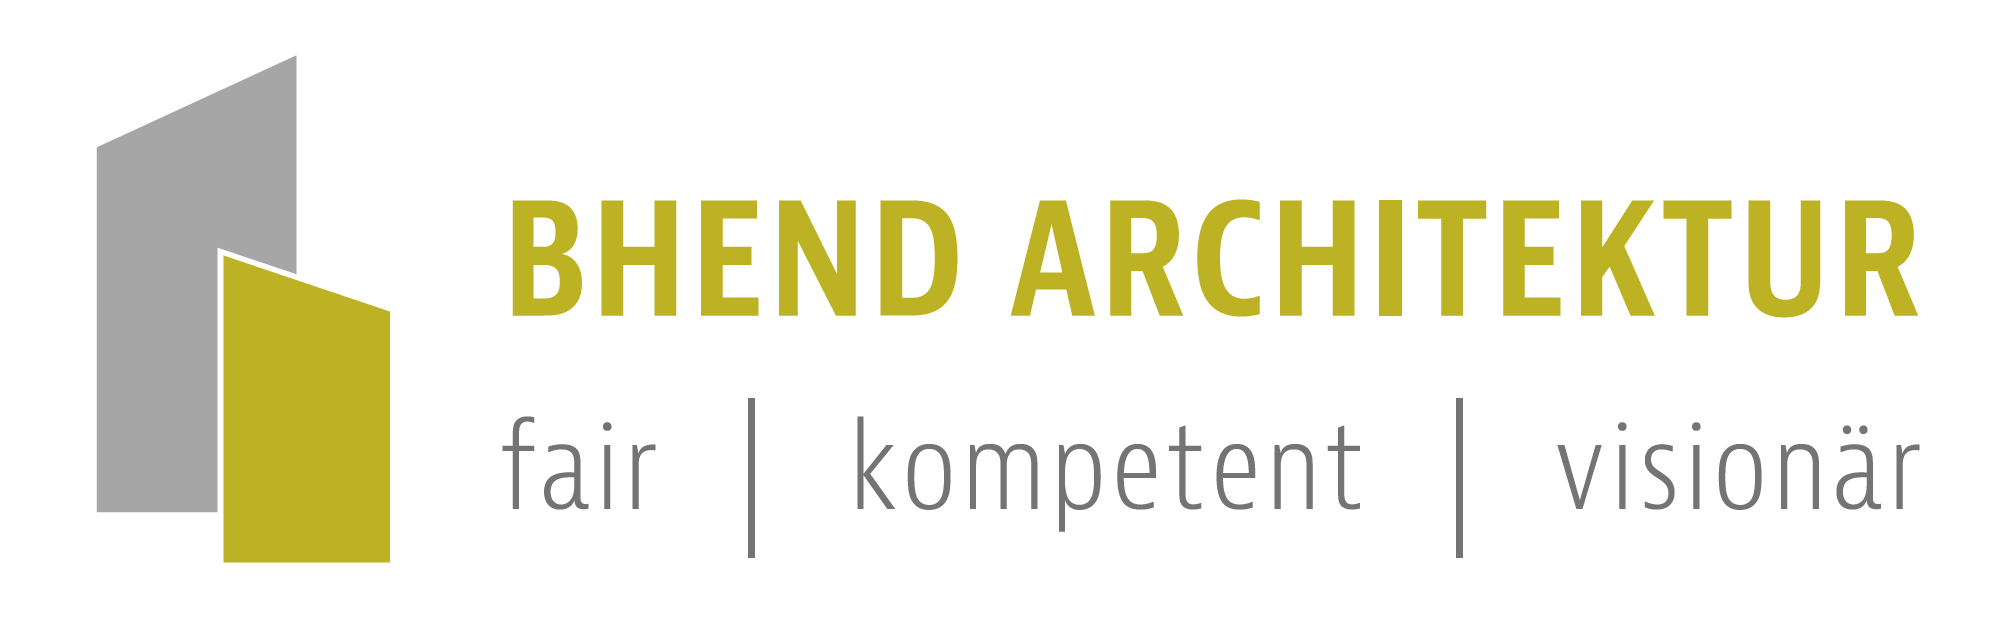 Bhend Architektur